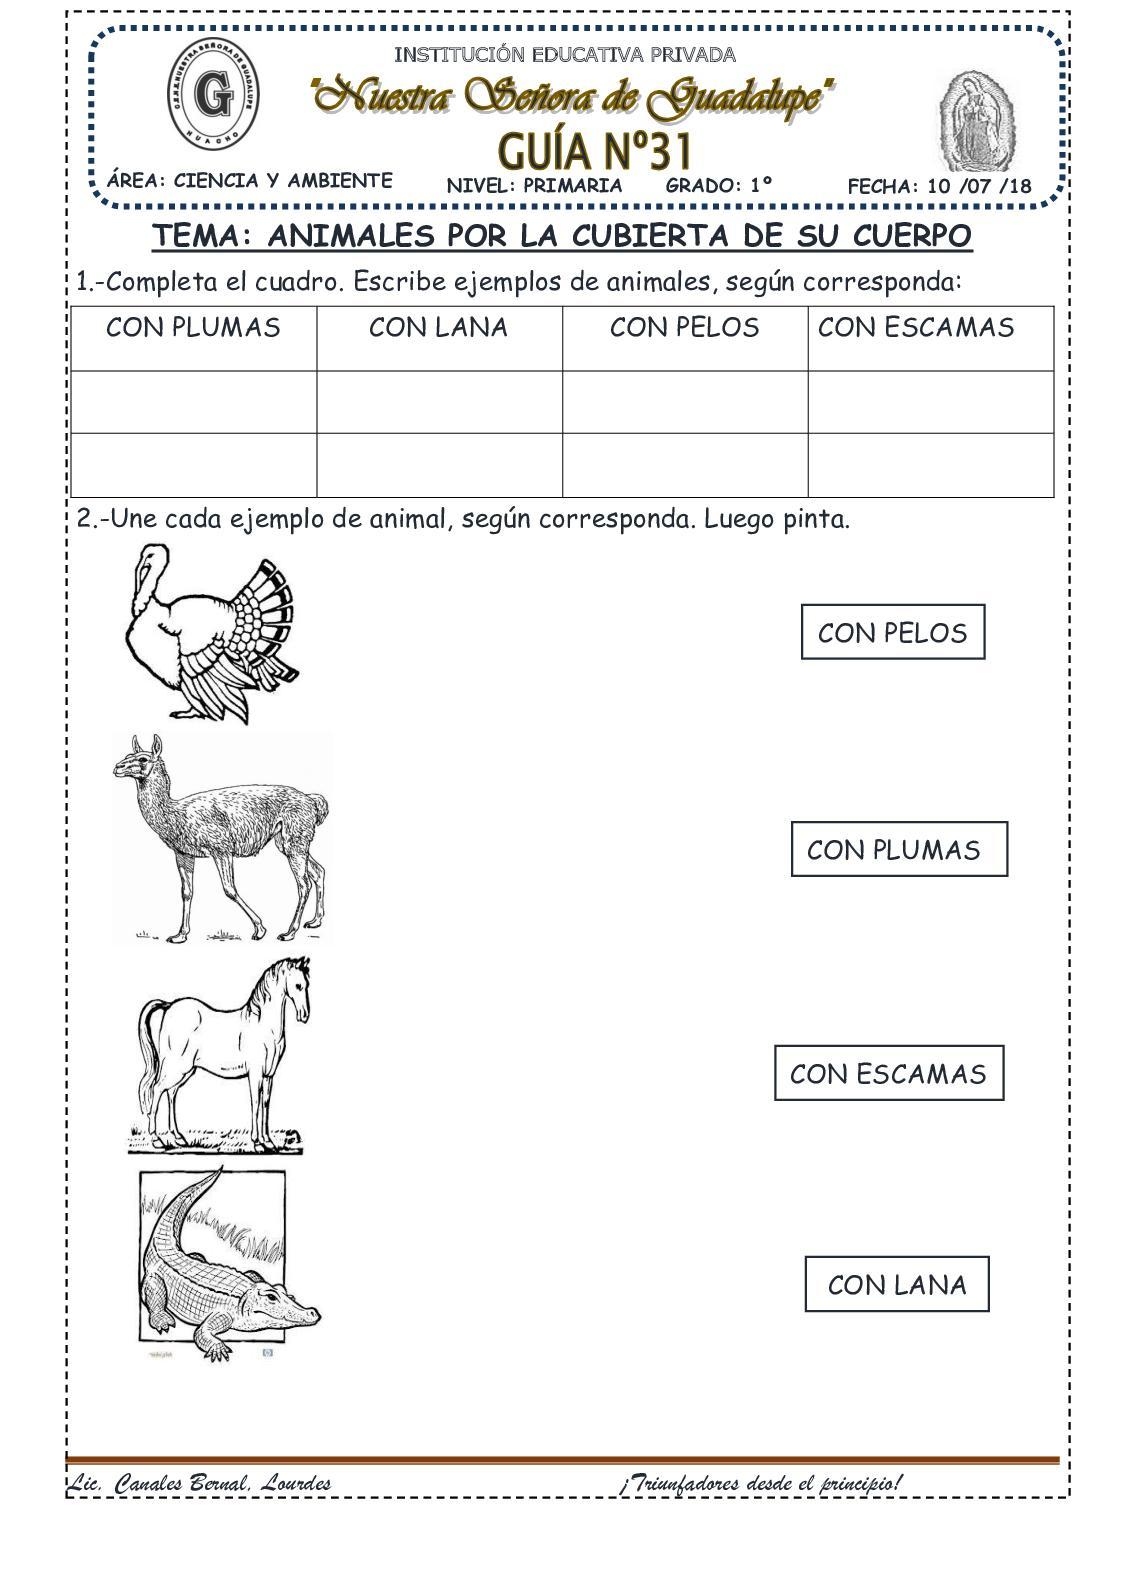 Animales Por La Cubierta De Su Cuerpo(31)